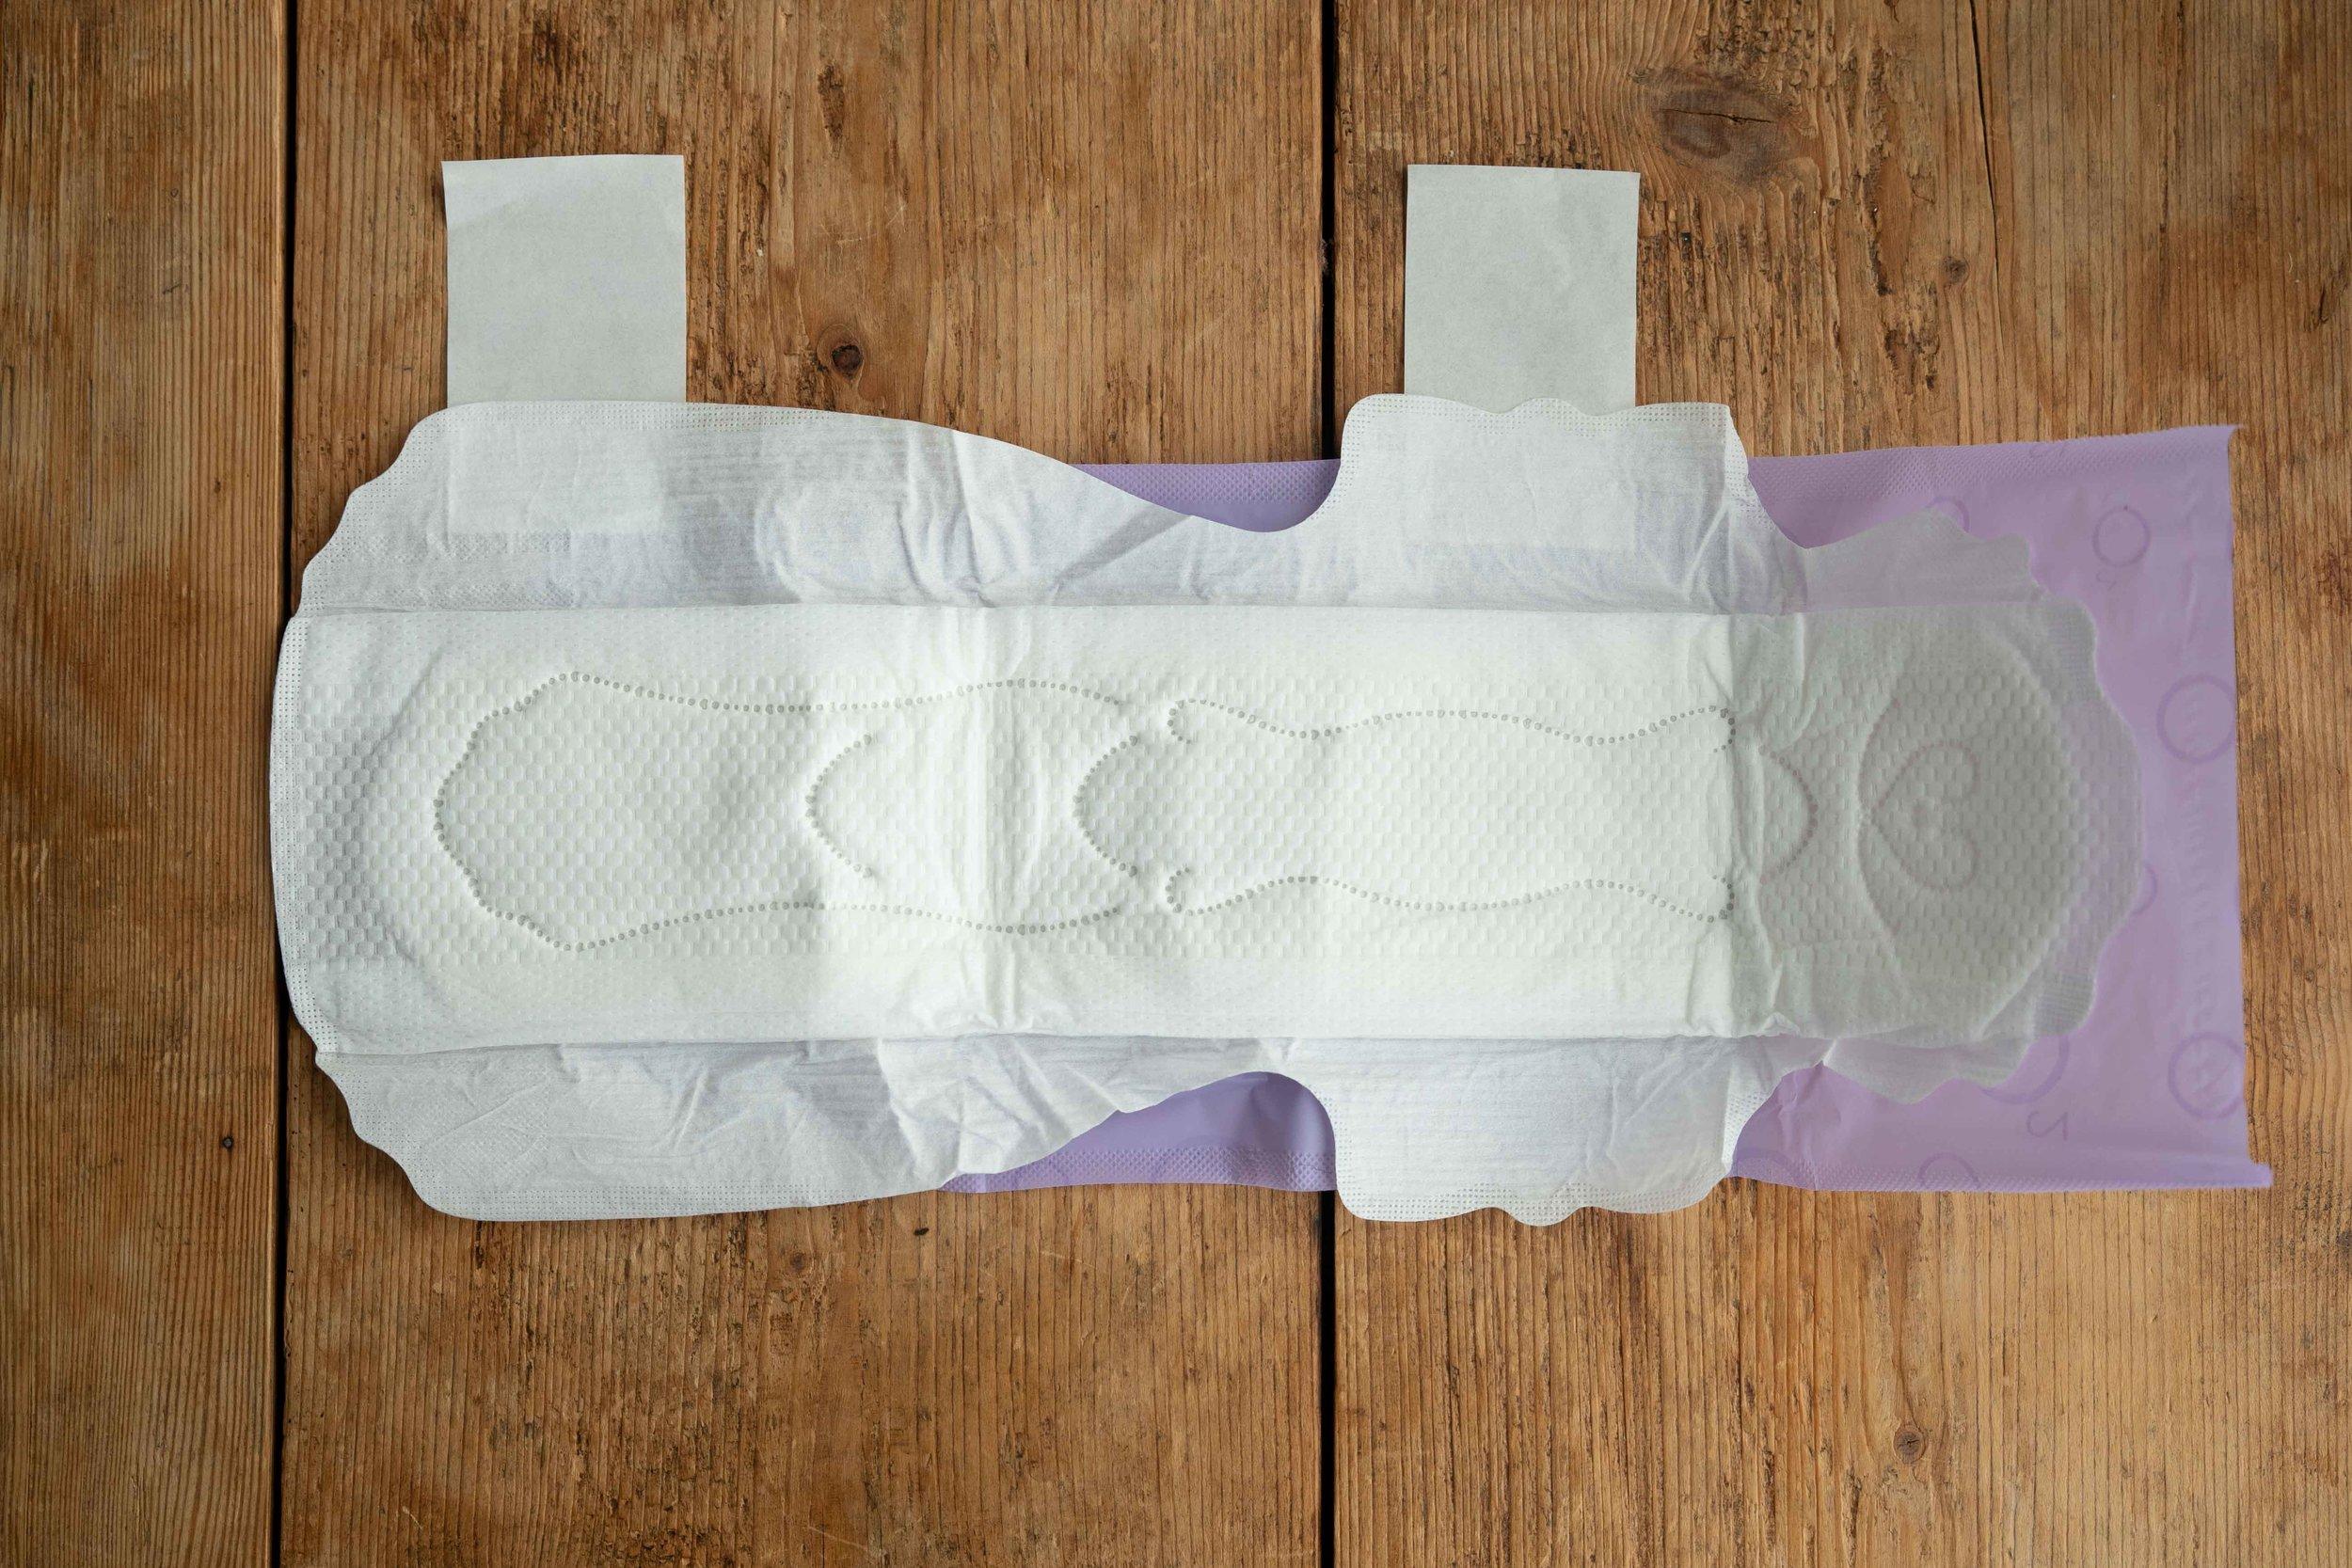 maternity pad diy padsicle.jpg